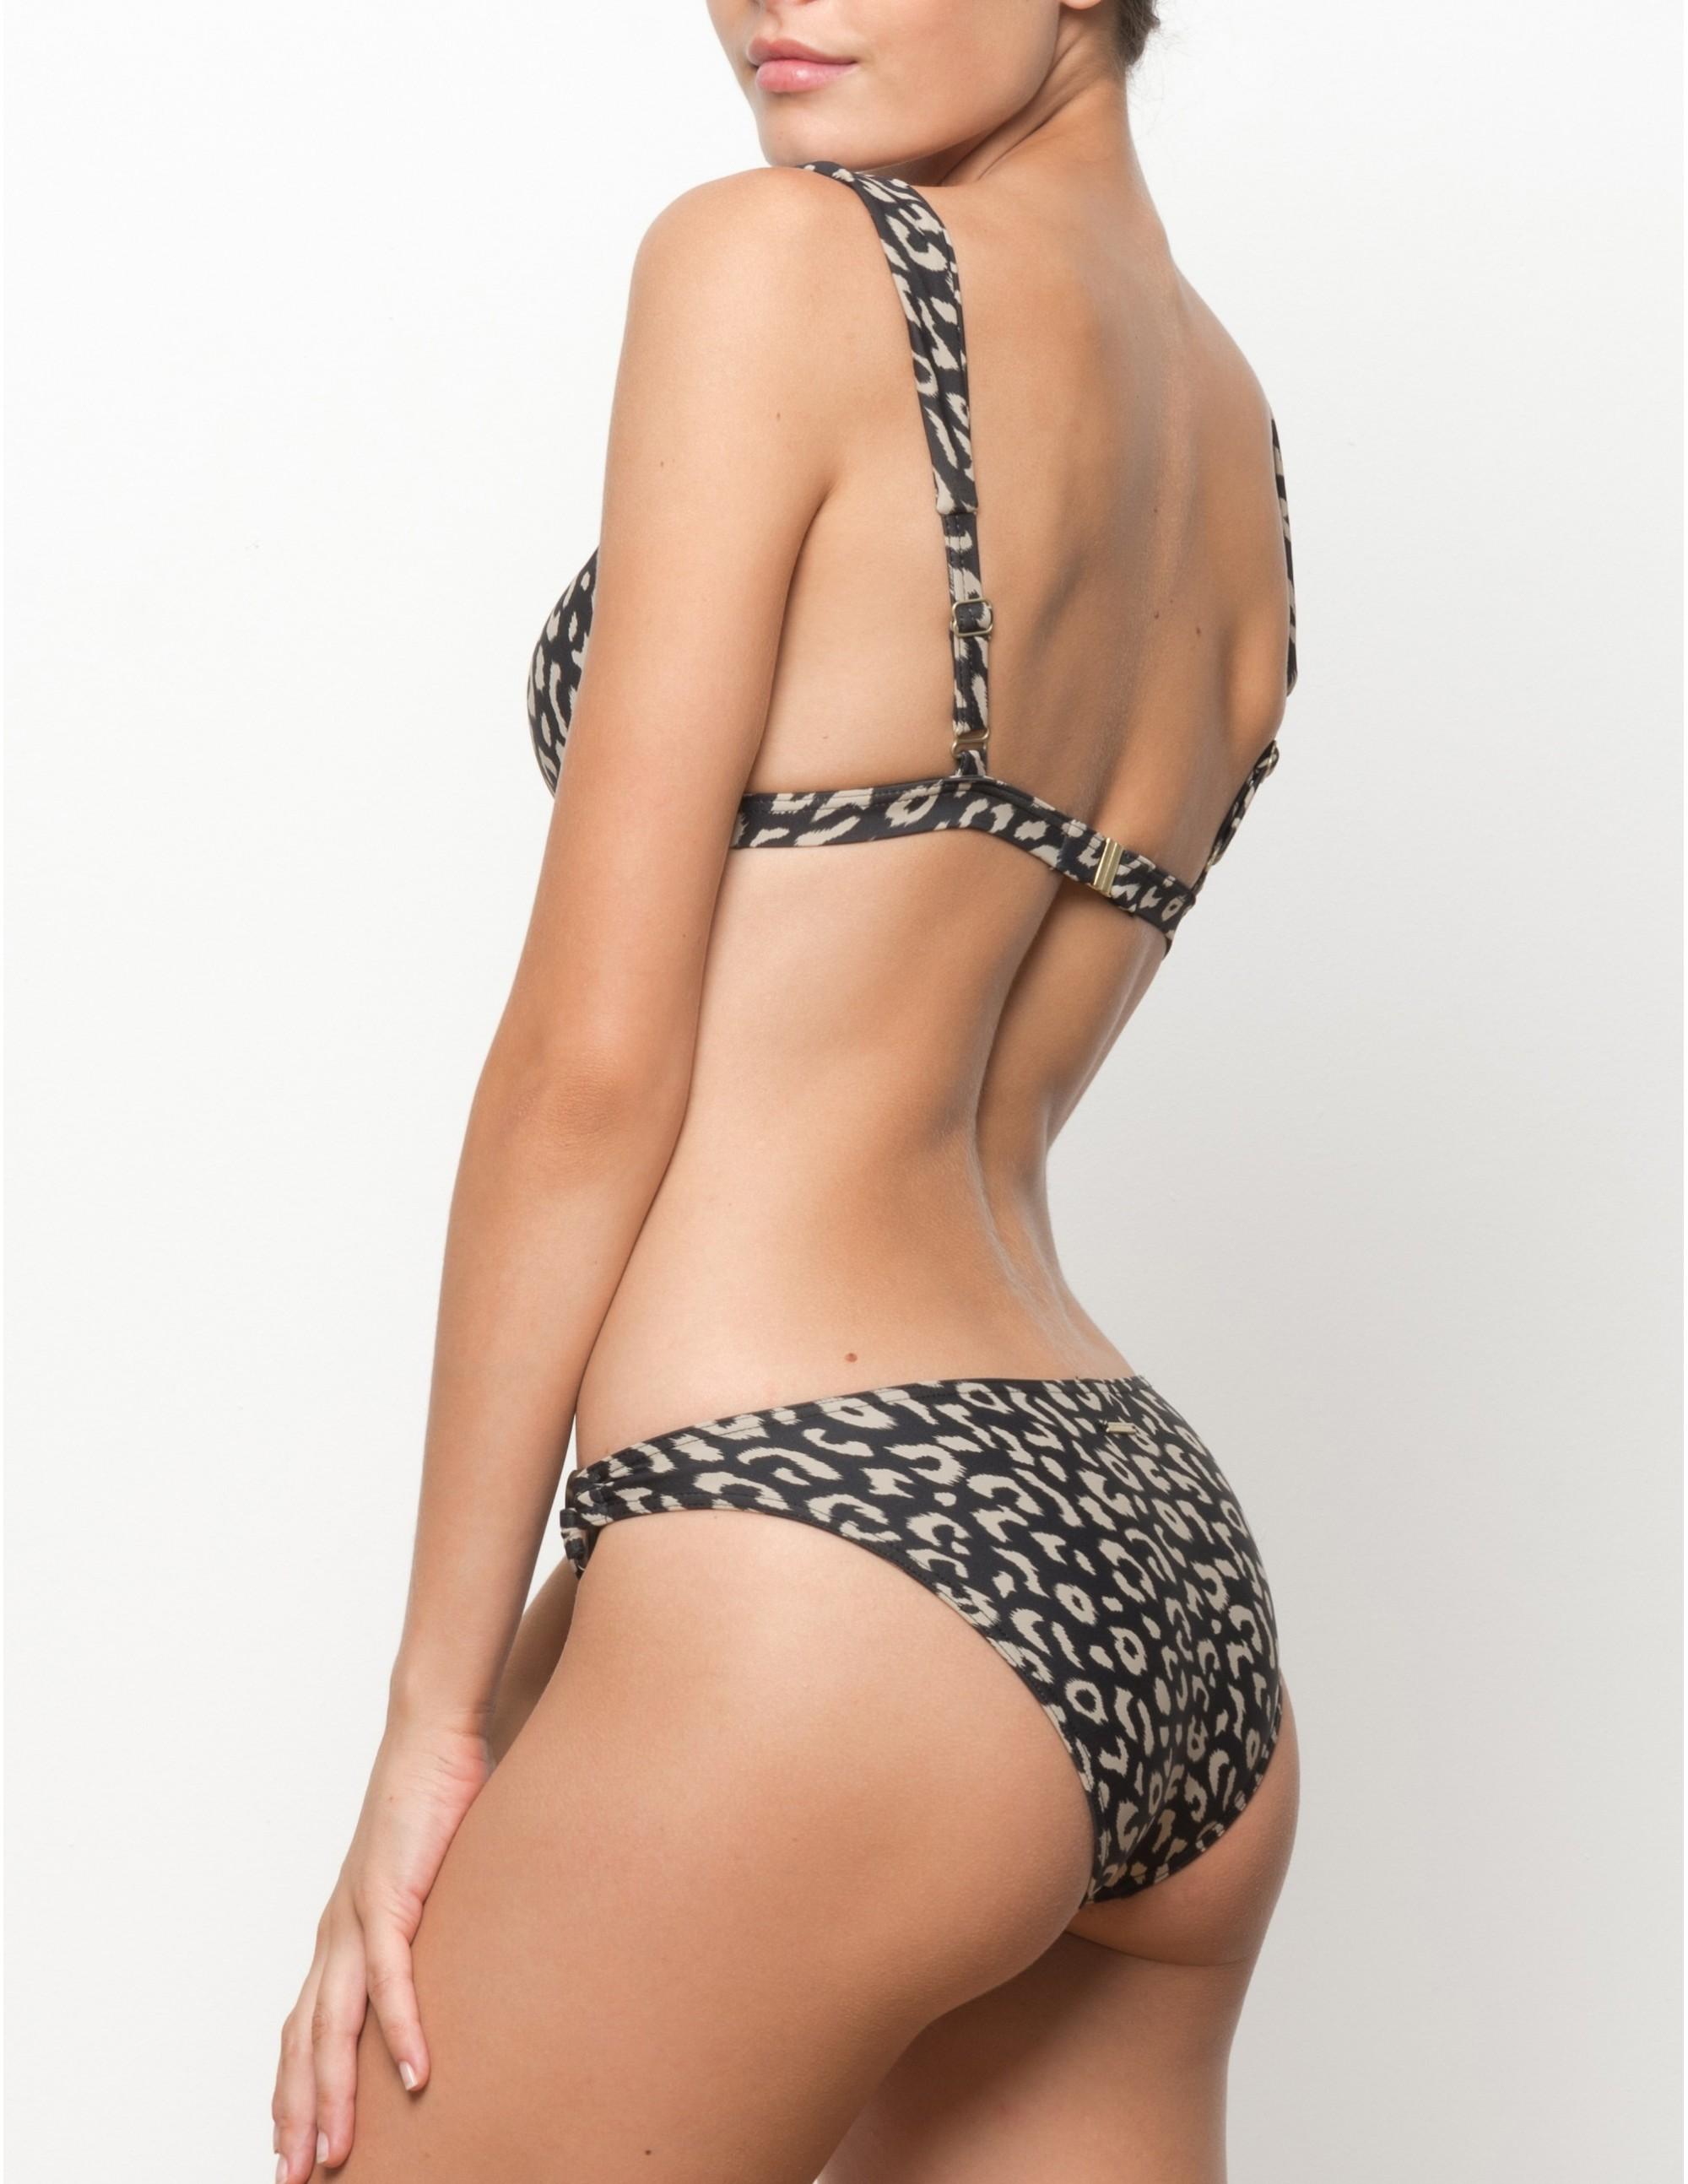 VUMA bikini bottom - LEOPARD